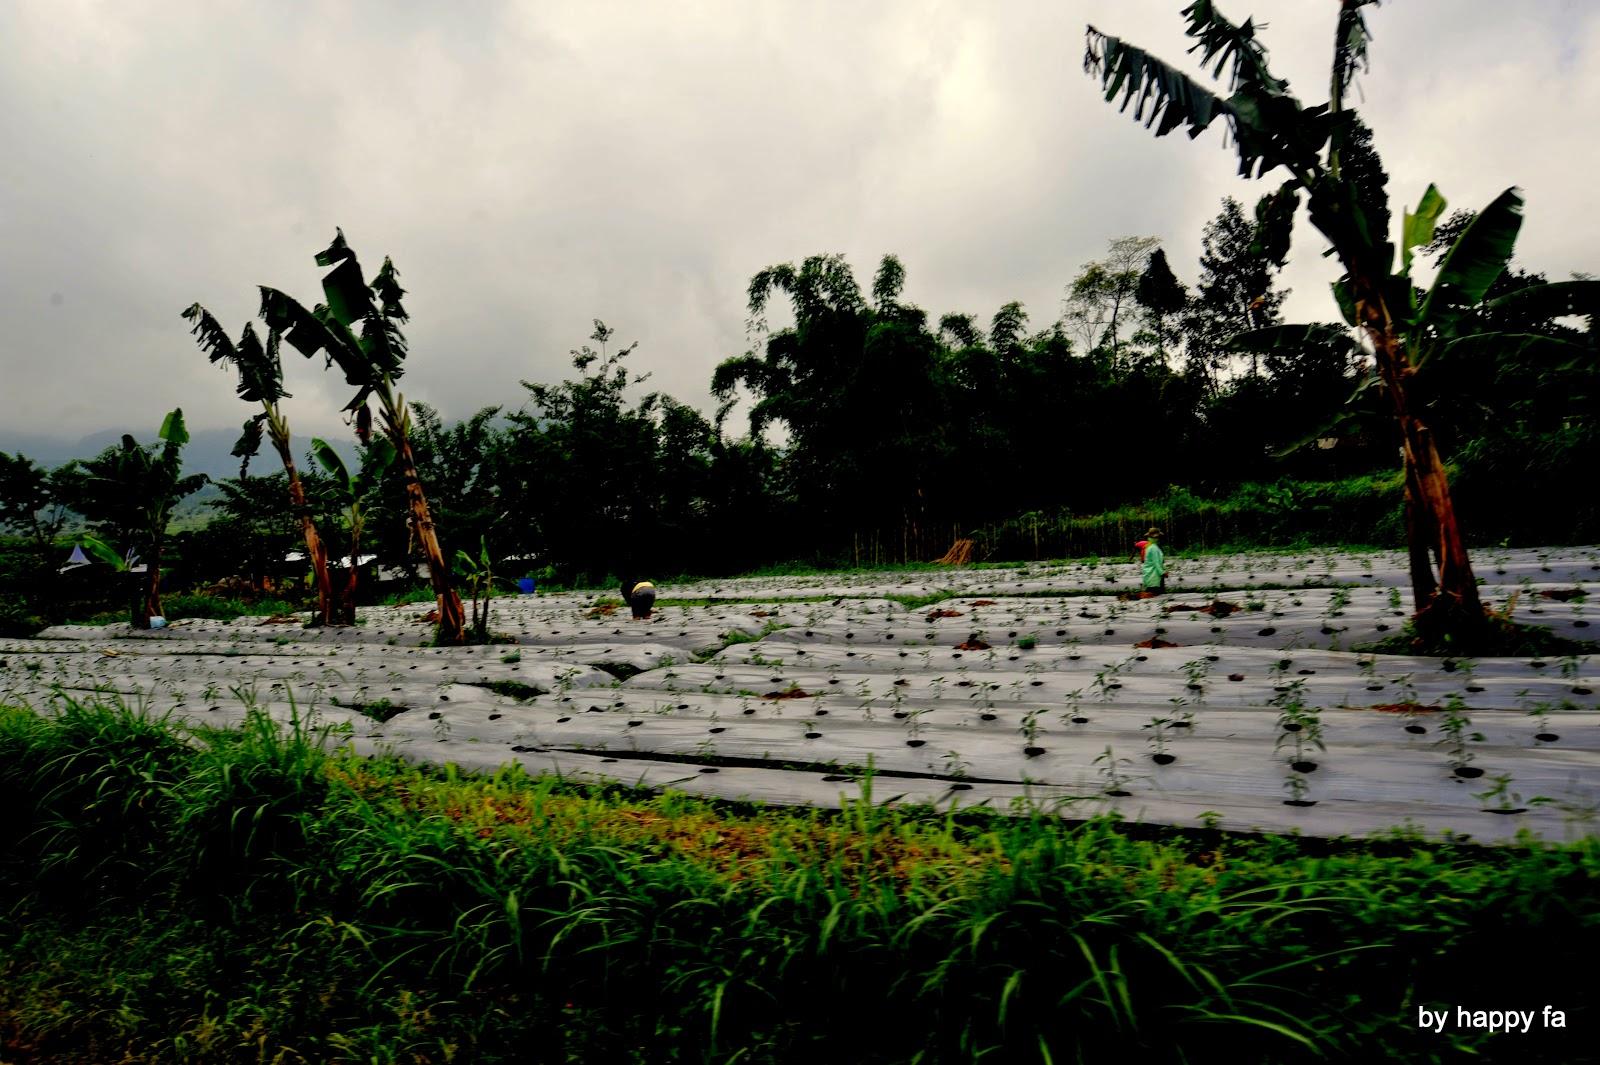 Wisata Agropolitan, Desa Bremi, Probolinggo